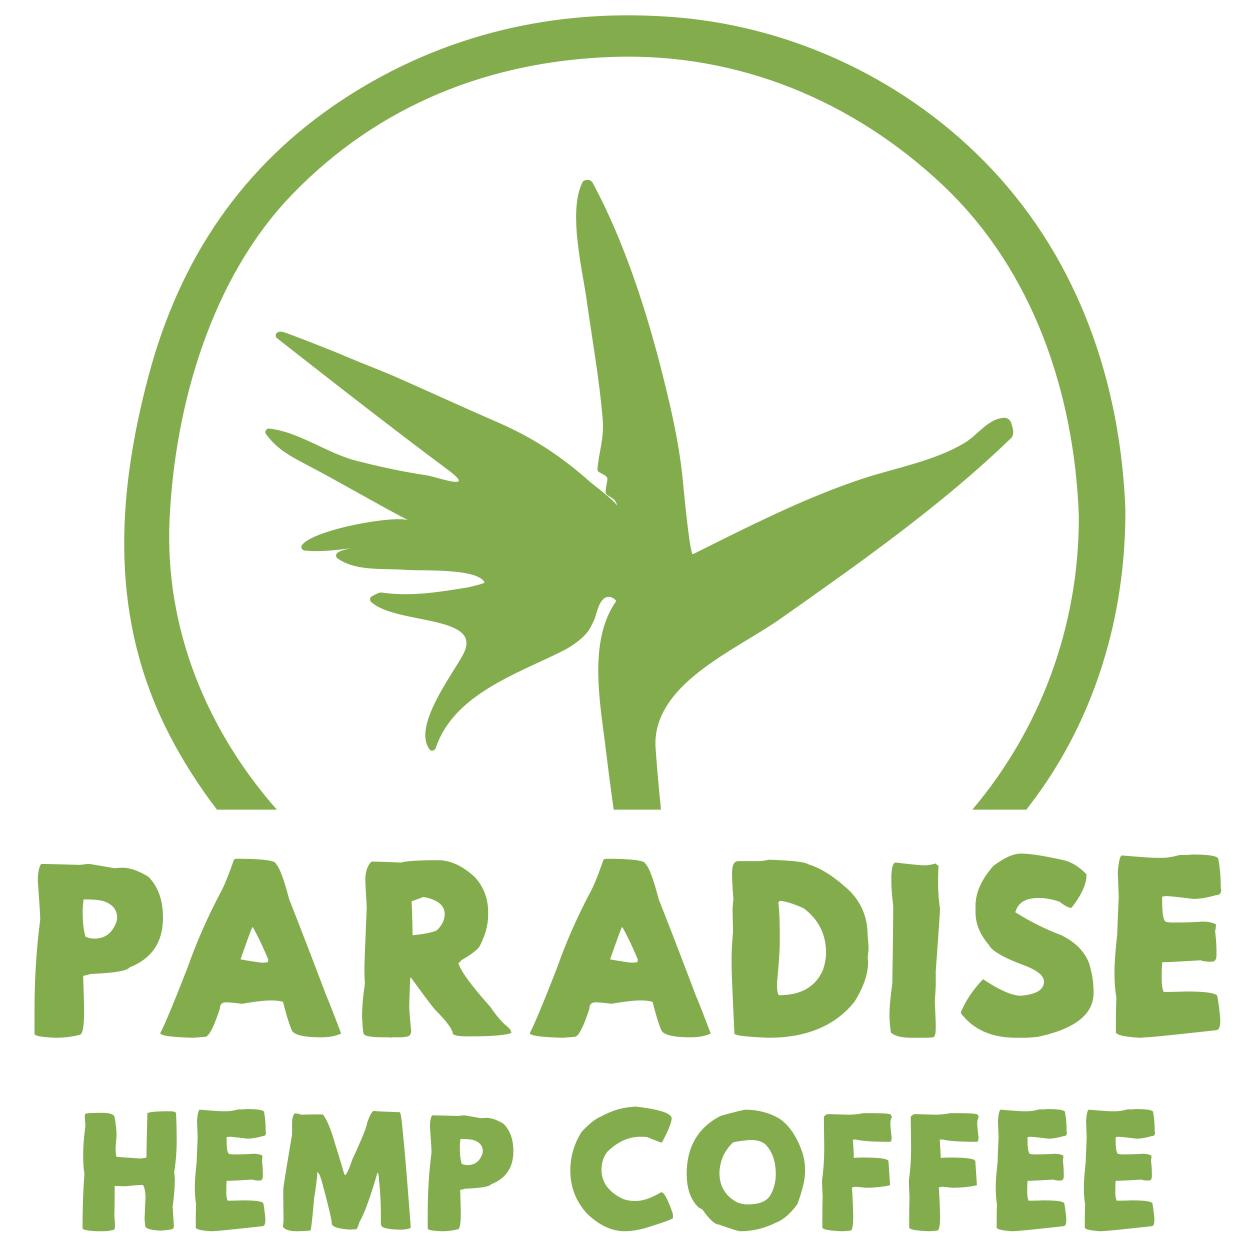 Paradise Hemp Company